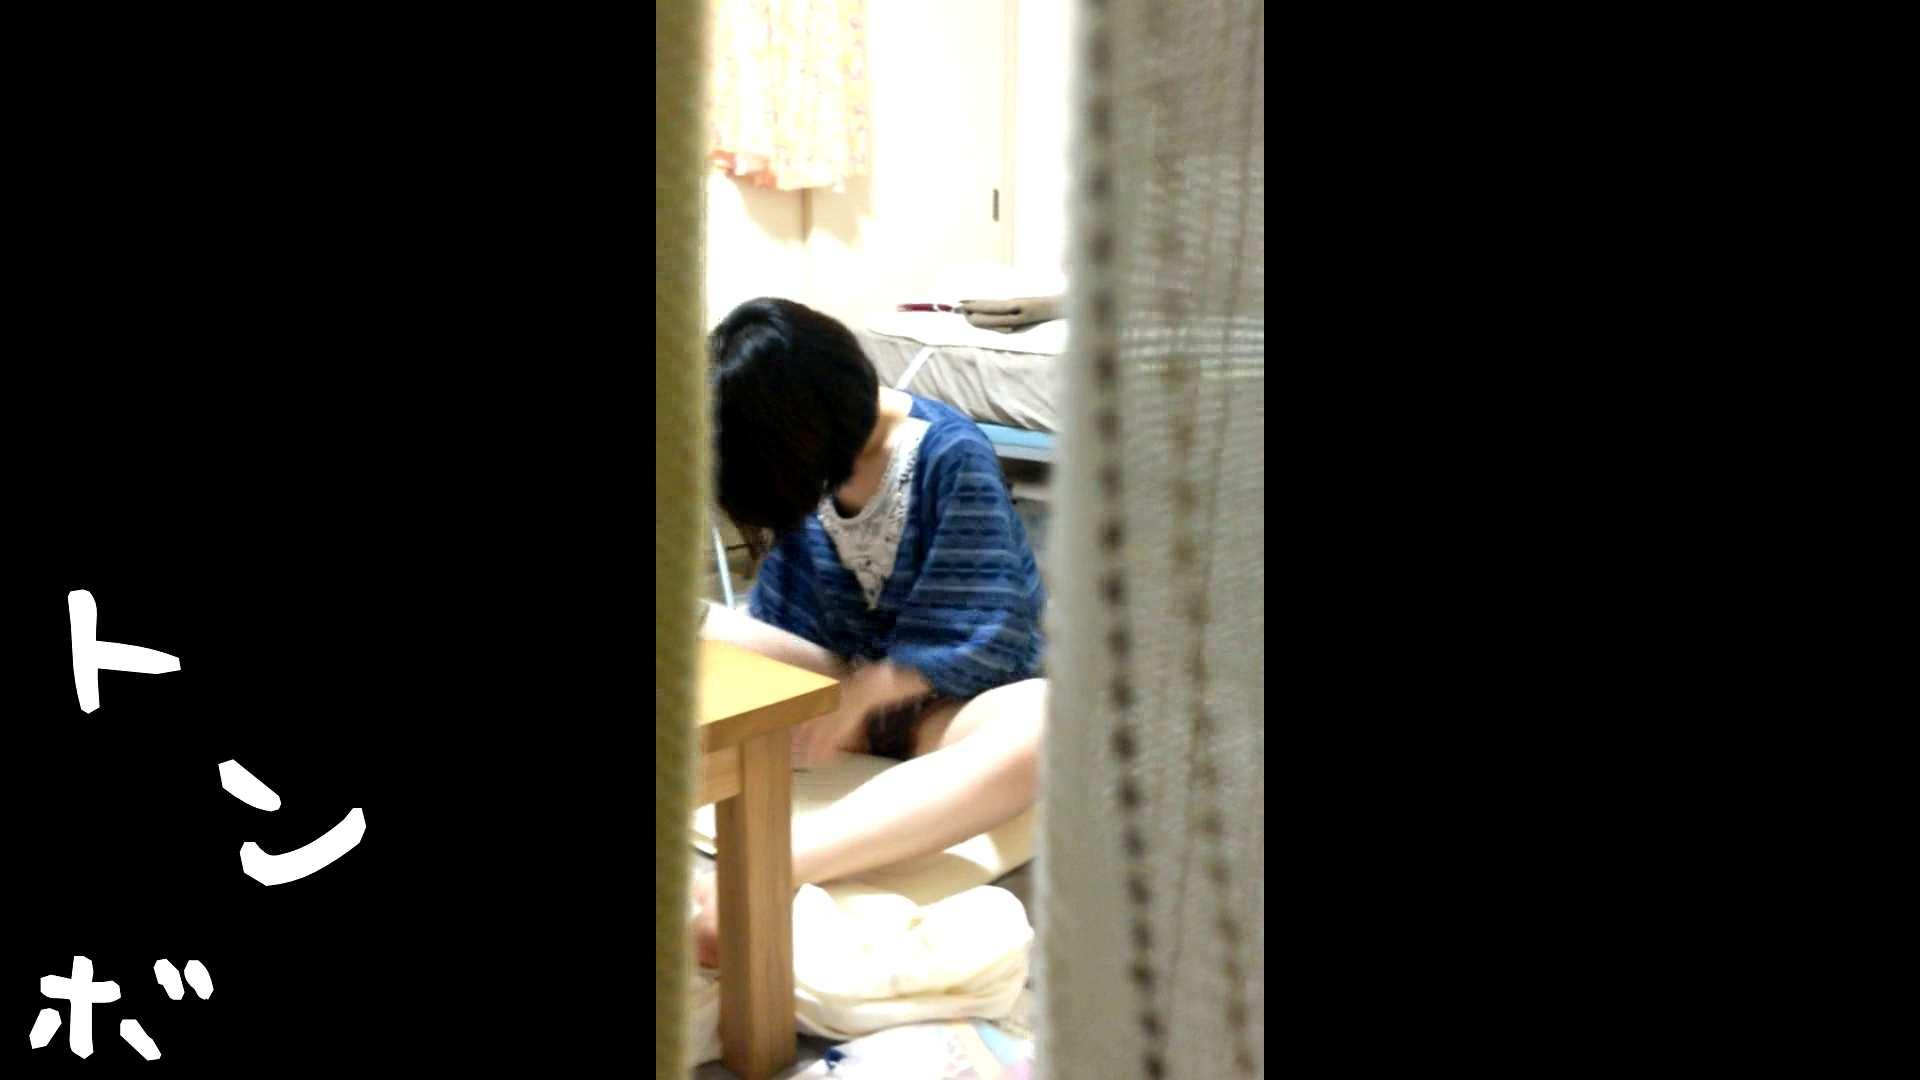 リアル盗撮 作家志望J子 アソコのお手入れ最中に感じてパンツを湿らす 盗撮   高画質  105pic 1